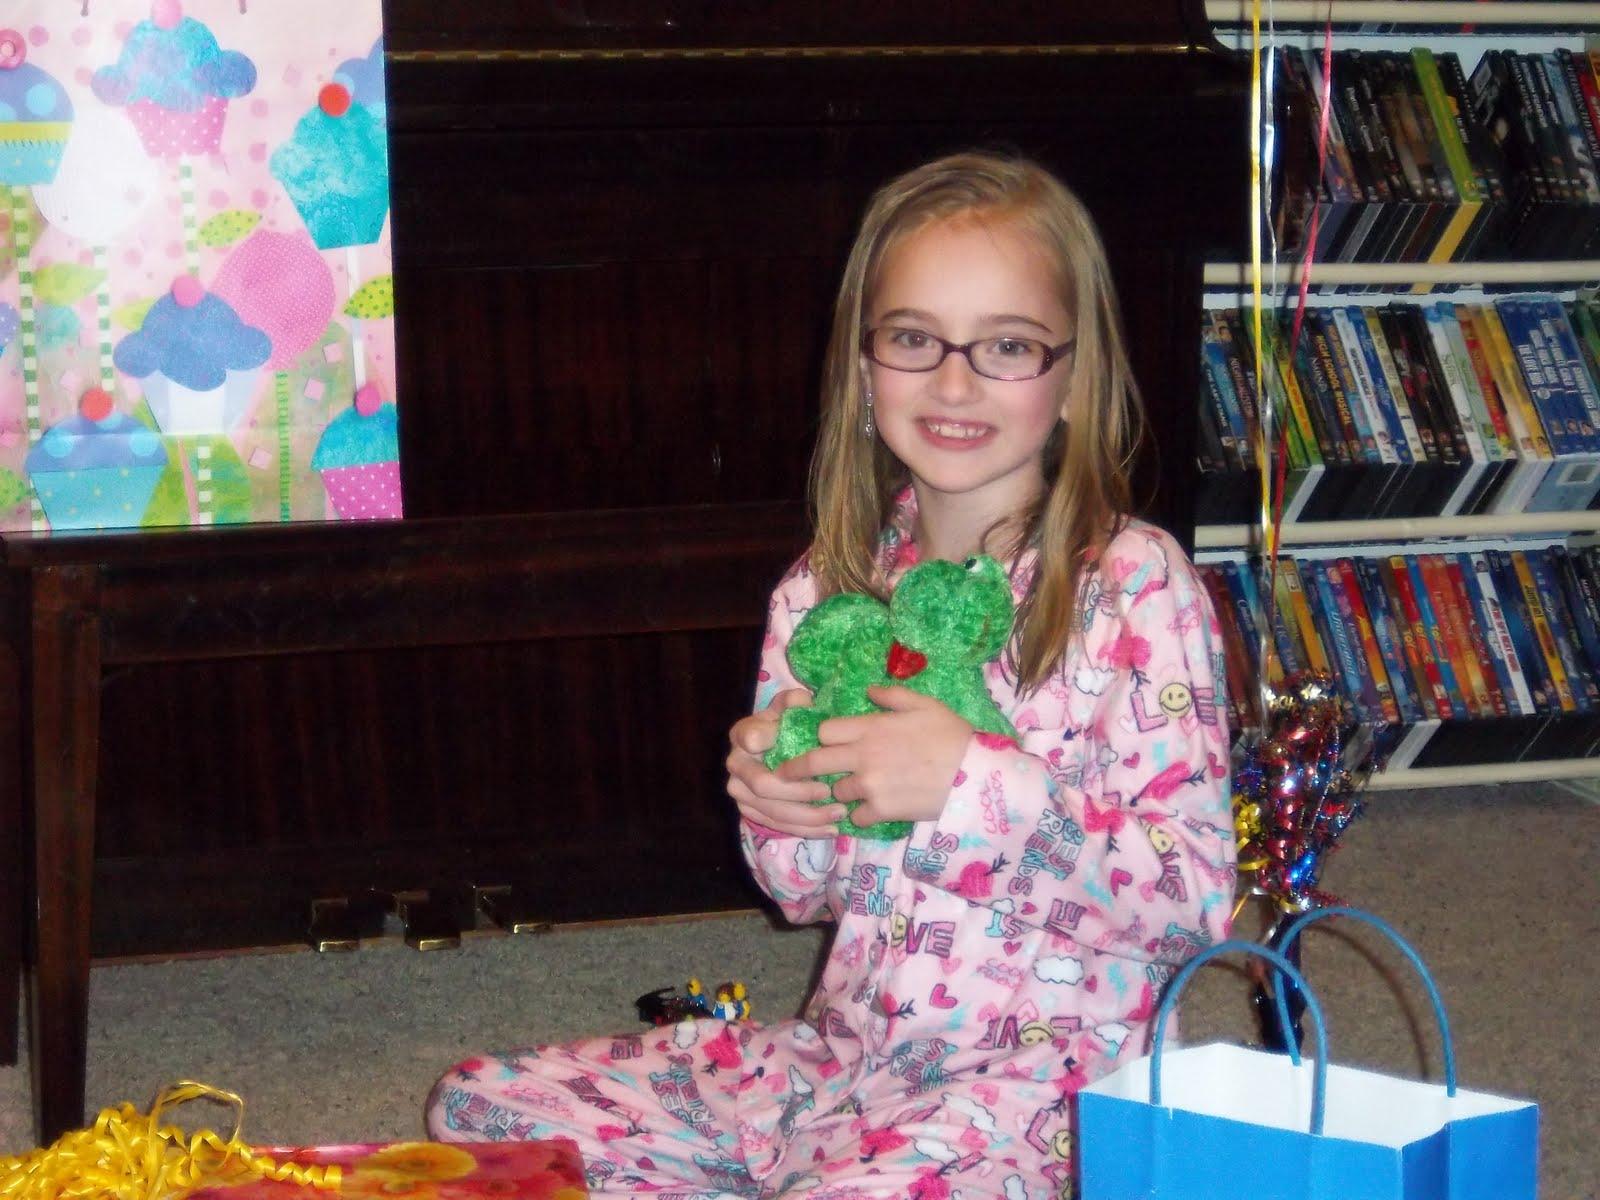 Birthday girl loves her sexy gift - 4 7